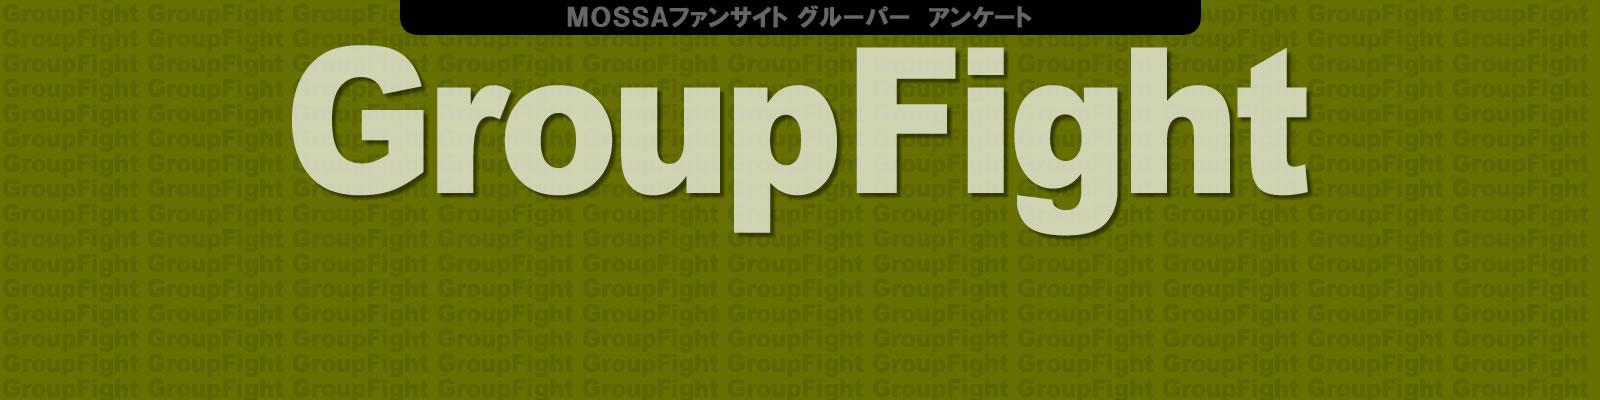 GroupFightやってる方にアンケート!